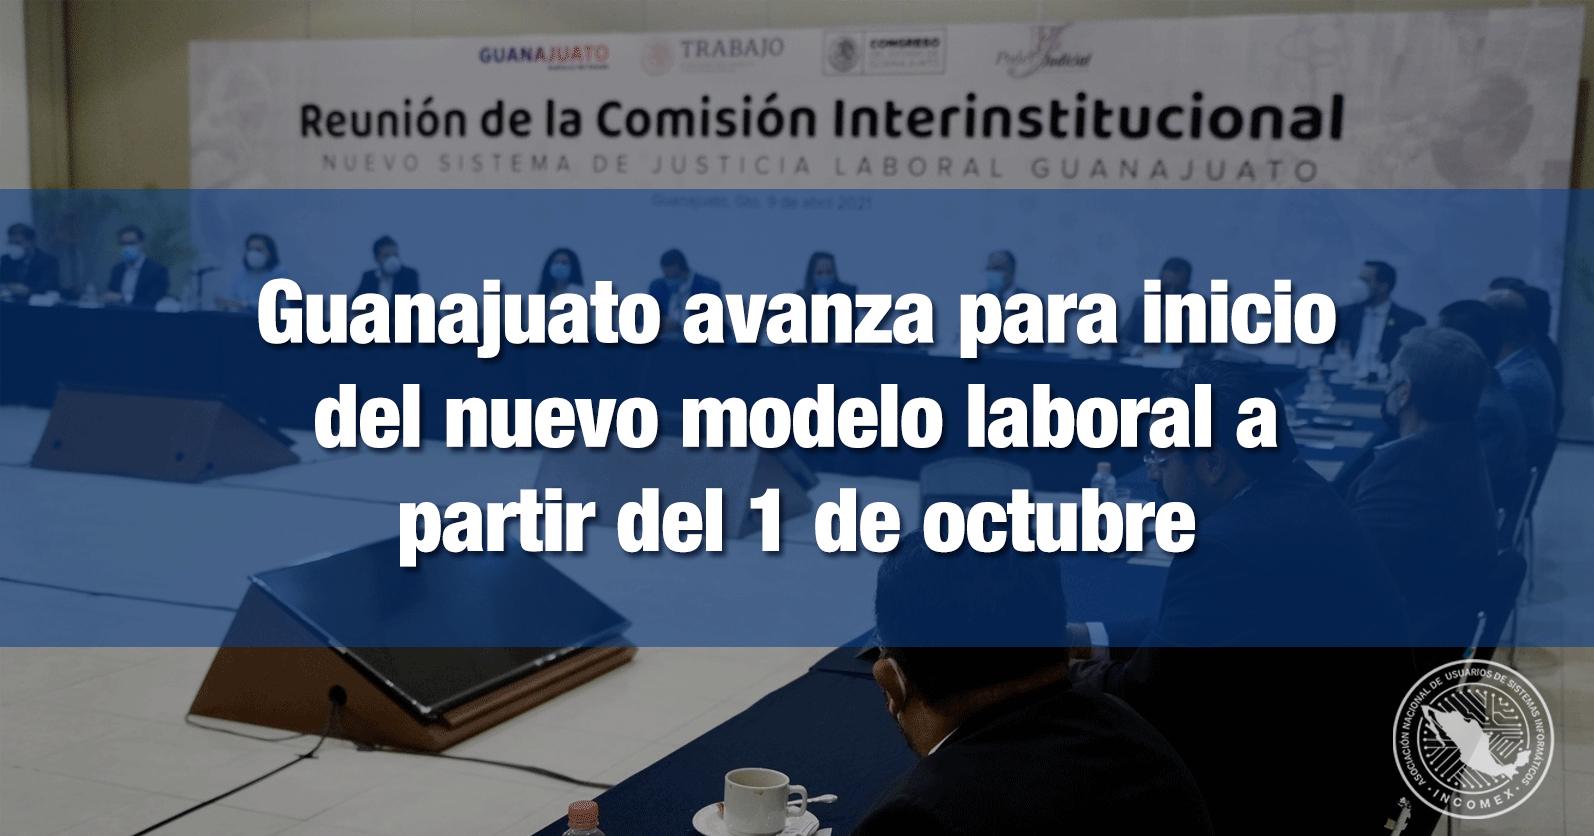 Guanajuato avanza para inicio del nuevo modelo laboral a partir del 1 de octubre